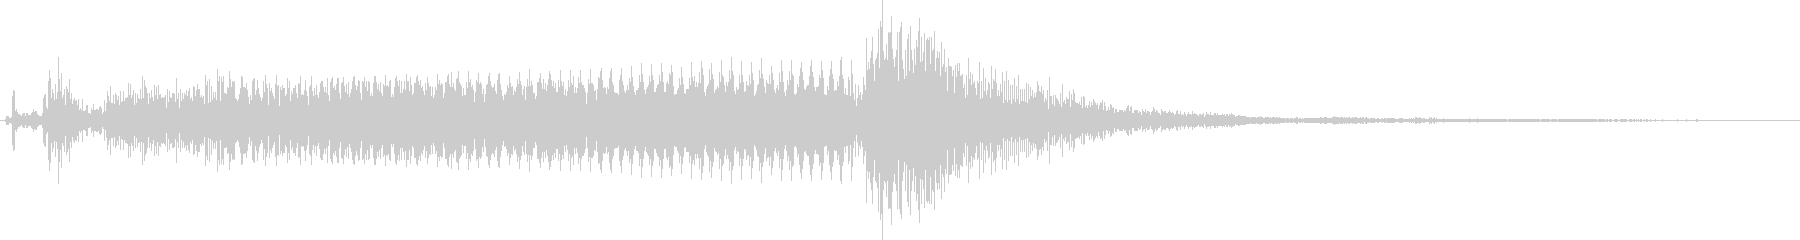 1933オースティン16:内線:開...の未再生の波形